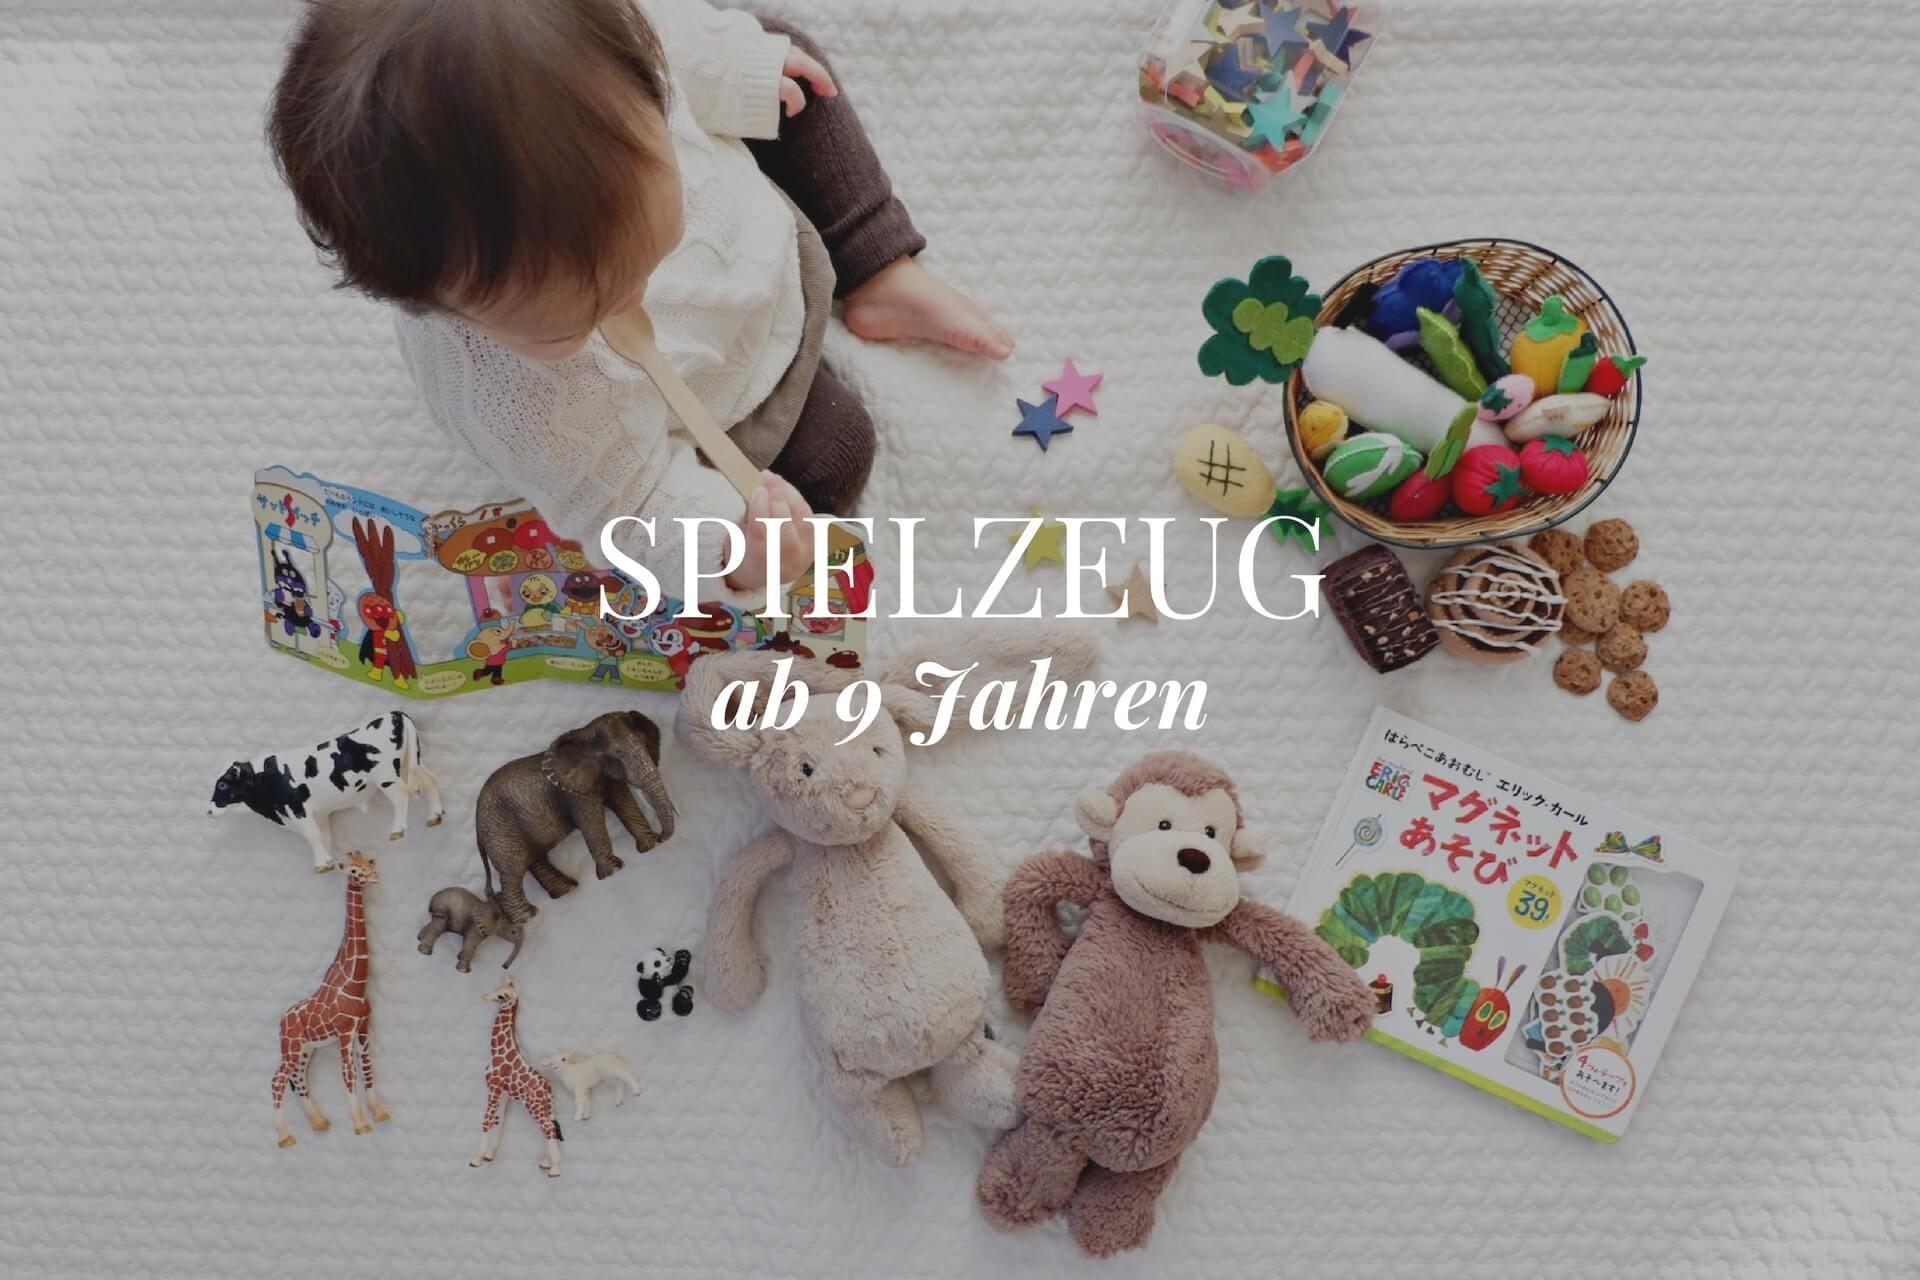 Spielzeug ab 9 Jahren ✿ Spielzeug & Empfehlungen für Neunjährige ✿